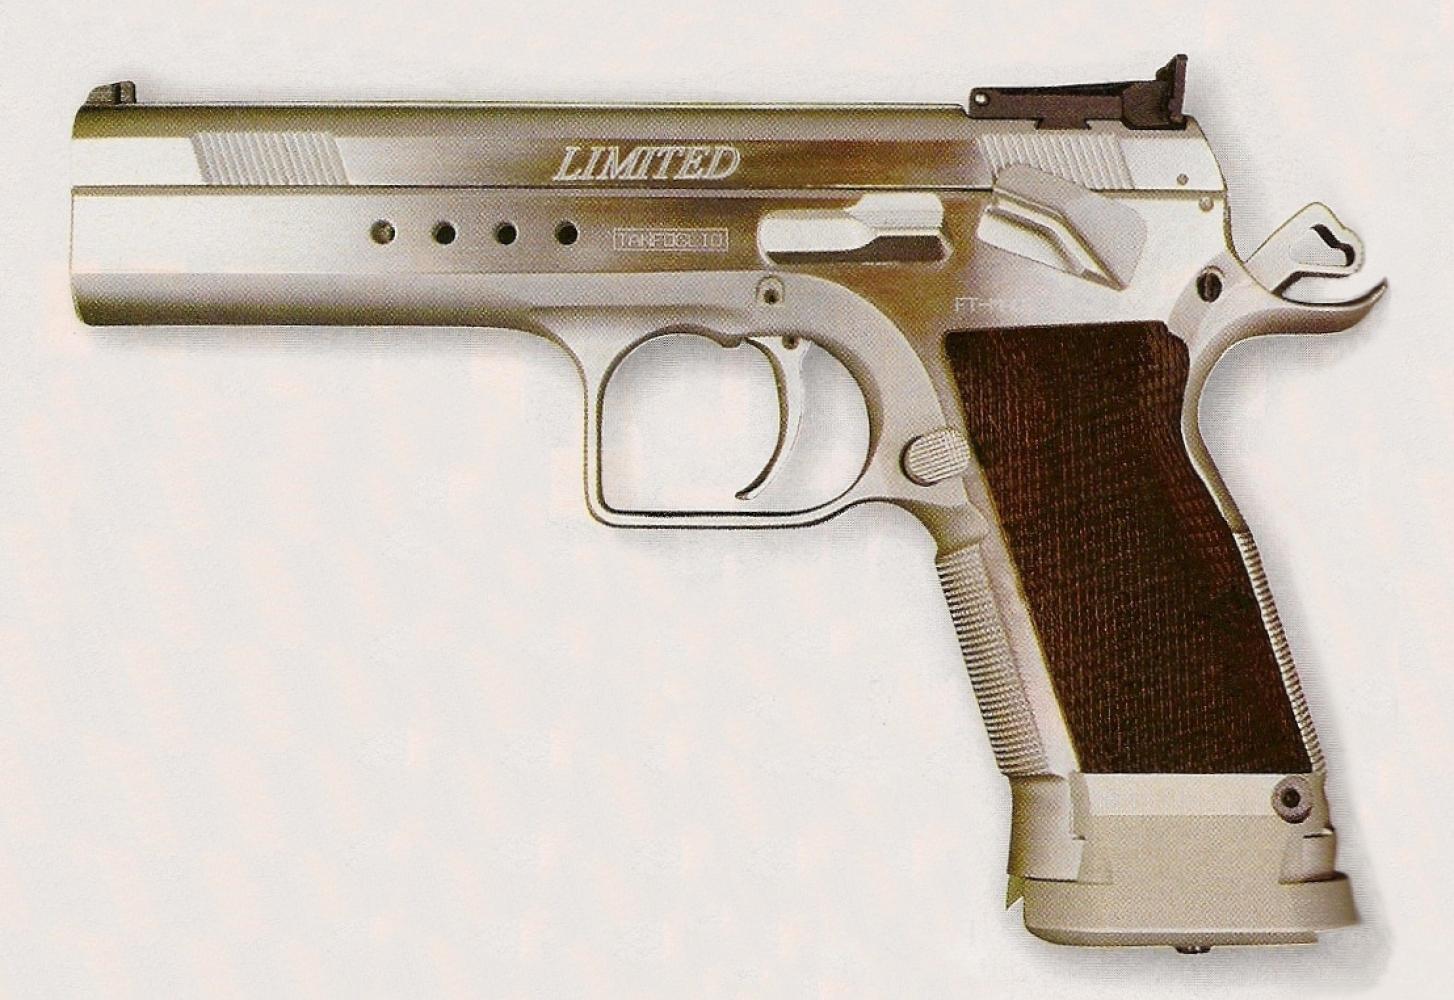 Bien conçu et bénéficiant d'une très bonne prise en mains, le pistolet Tanfoglio offre un usage polyvalent pouvant convenir à toutes les formes de tir.